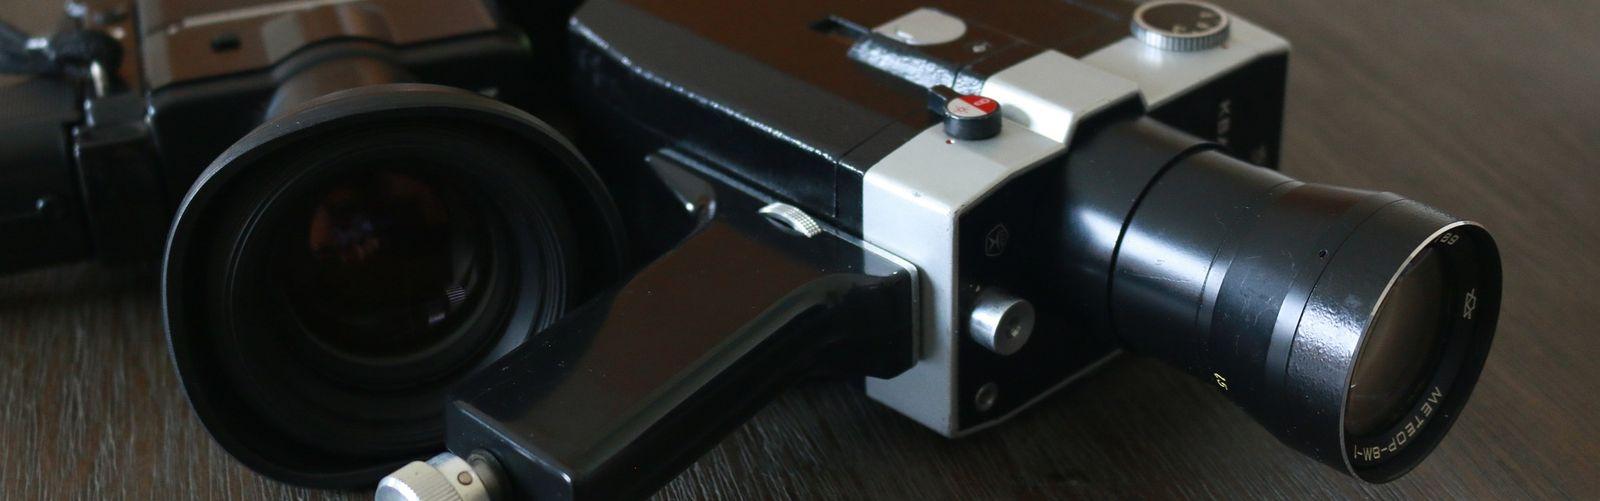 Incorpore vídeos com nosso plugin